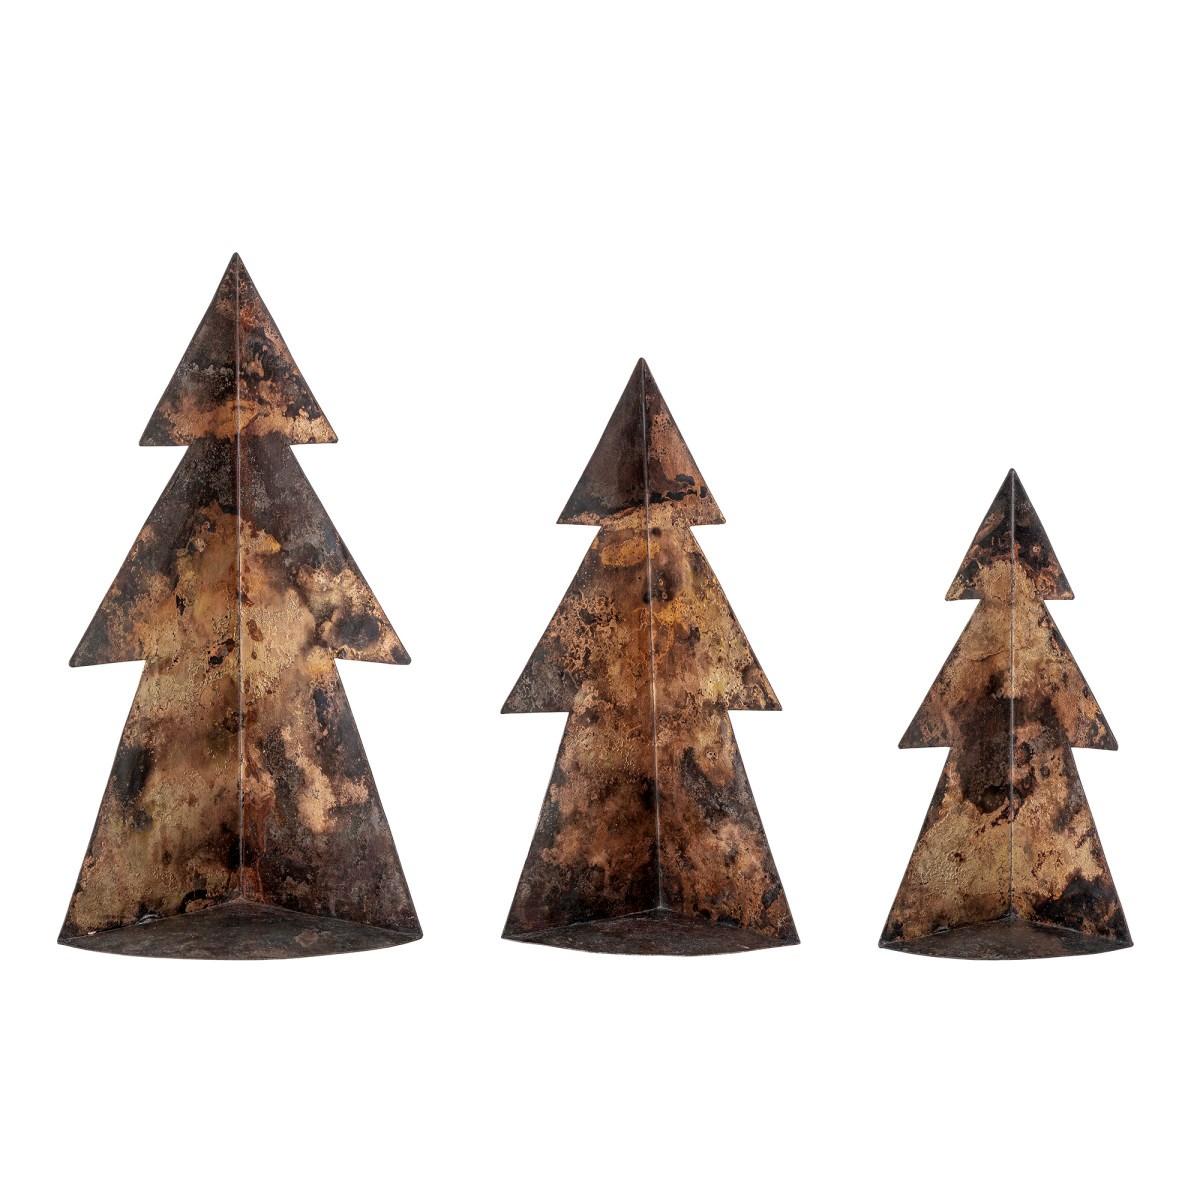 Kovové vánoční stromky Rony, hnědé, SET/3 ks_1